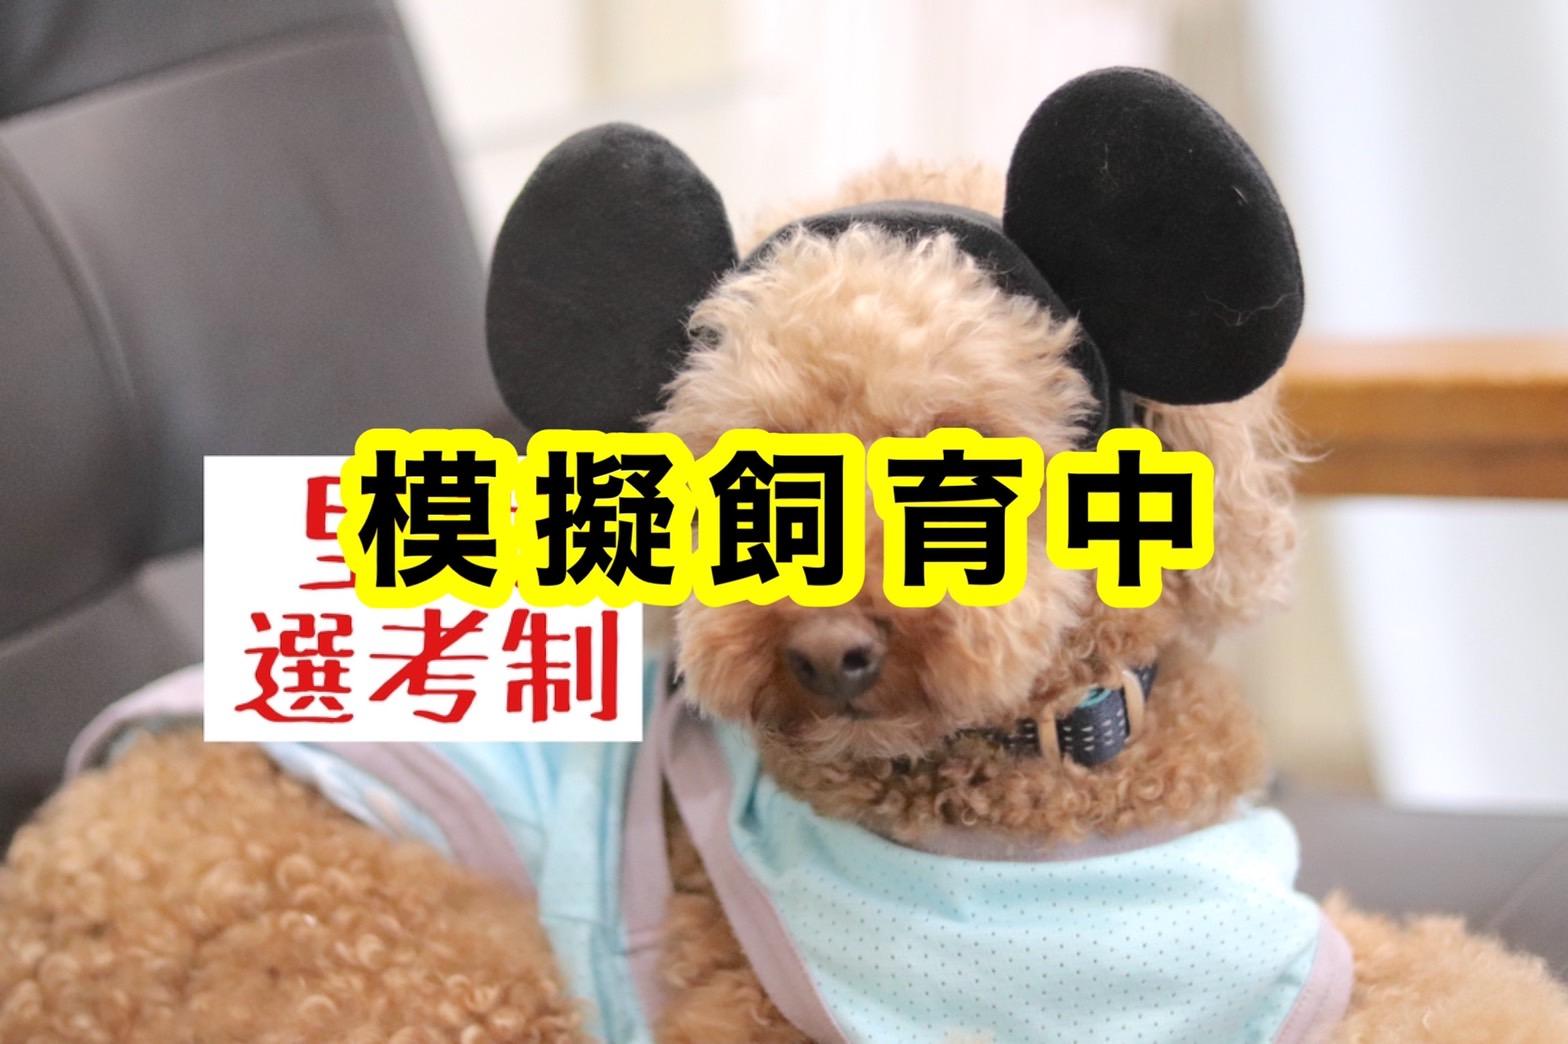 <ul> <li>犬種:トイプードル</li> <li>名前(性別):ふー太(男の子)</li> <li>年齢:2018年3月23日生まれ</li> <li>保護経緯:飼い主が高齢になり介護施設に入居し、親族も引き継いで飼うことが出来ない</li> </ul>